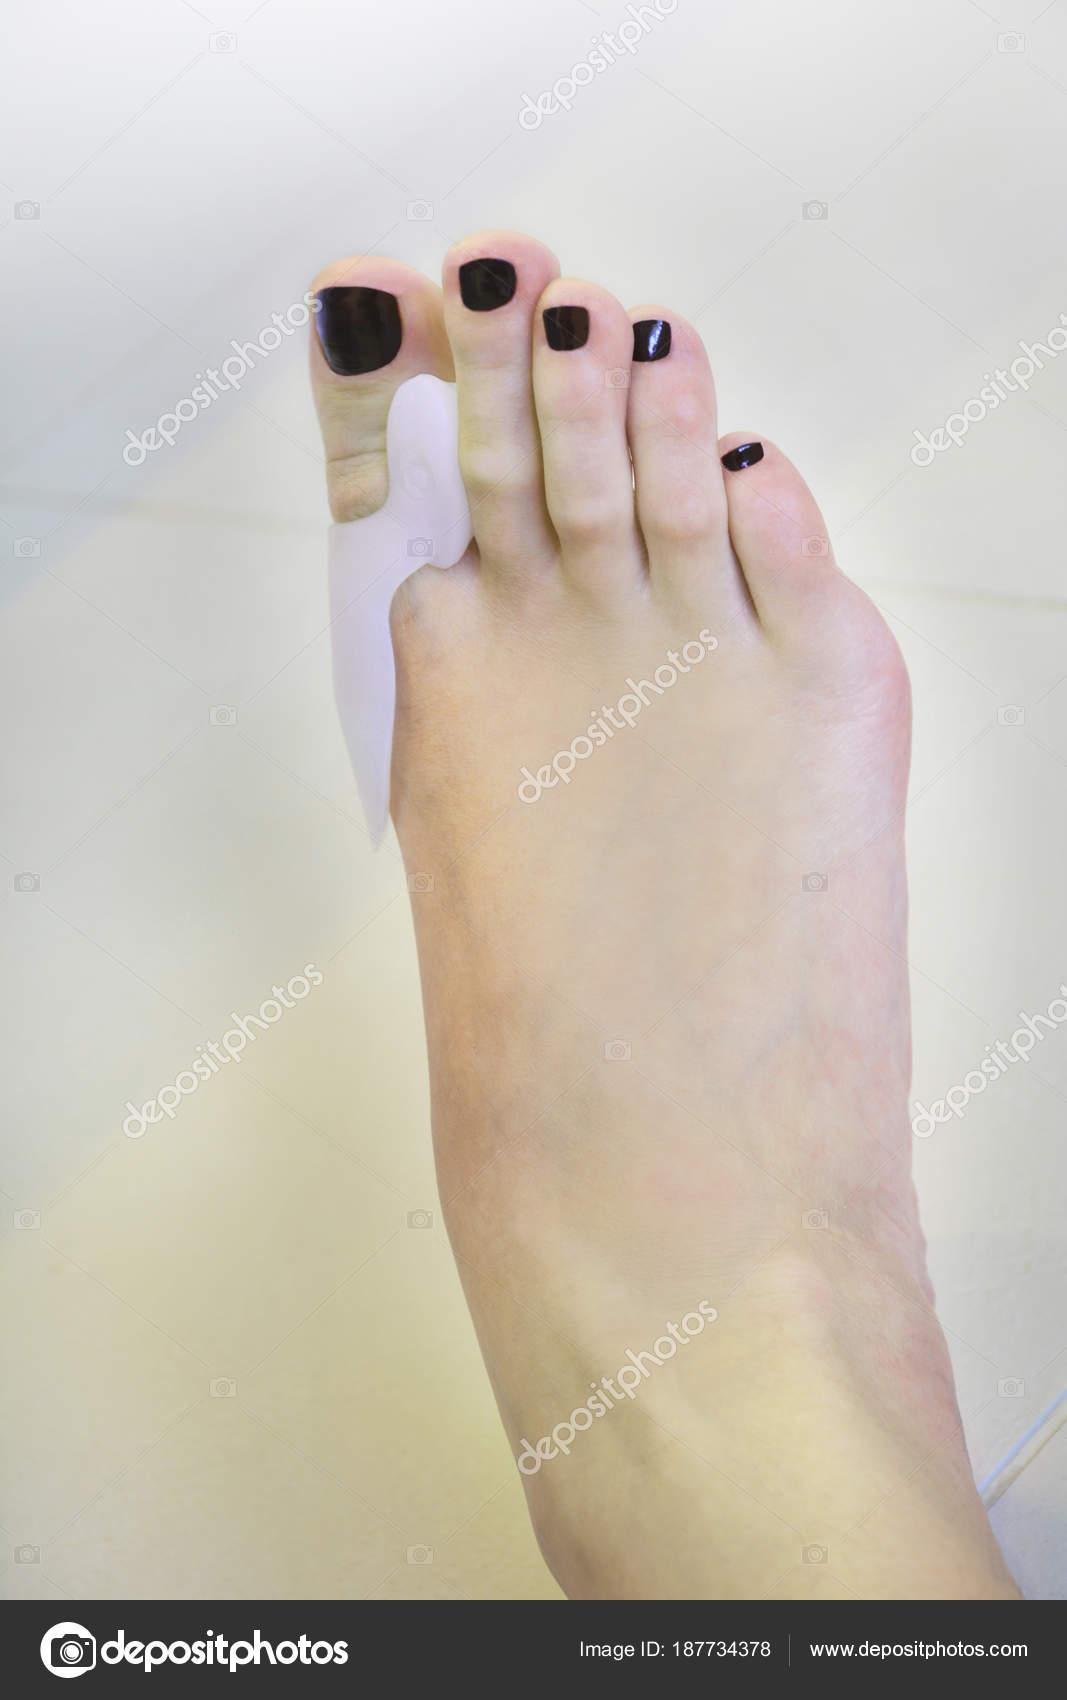 Fuß Hallux valgus orthopädische Pad am Zeh tragen — Stockfoto ...